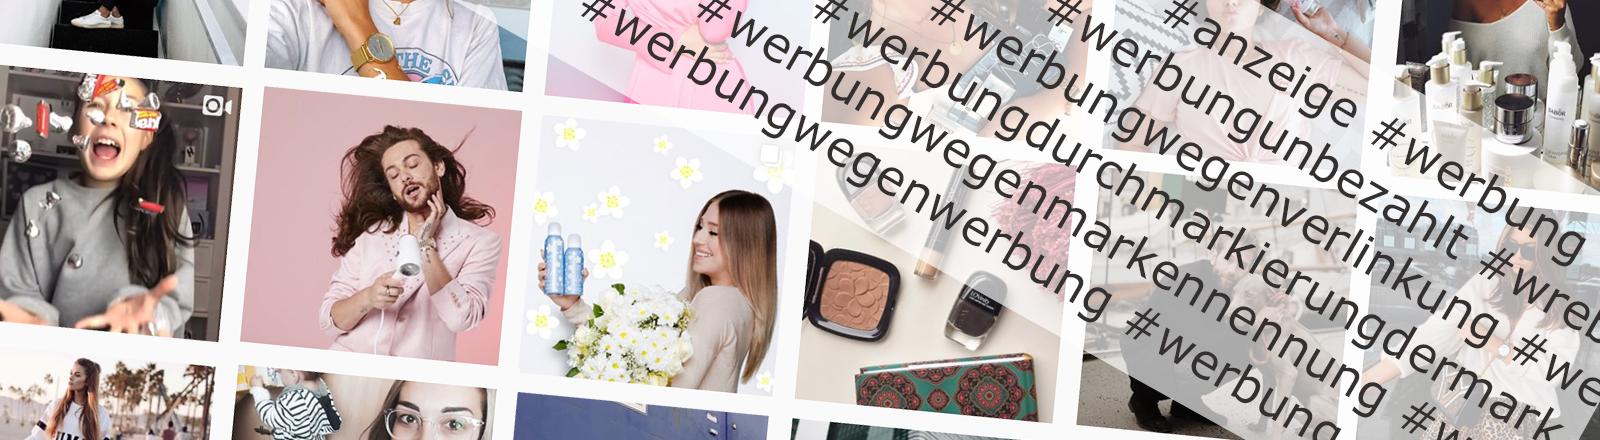 Bilder auf Instagram mit Tags wegen Werbung